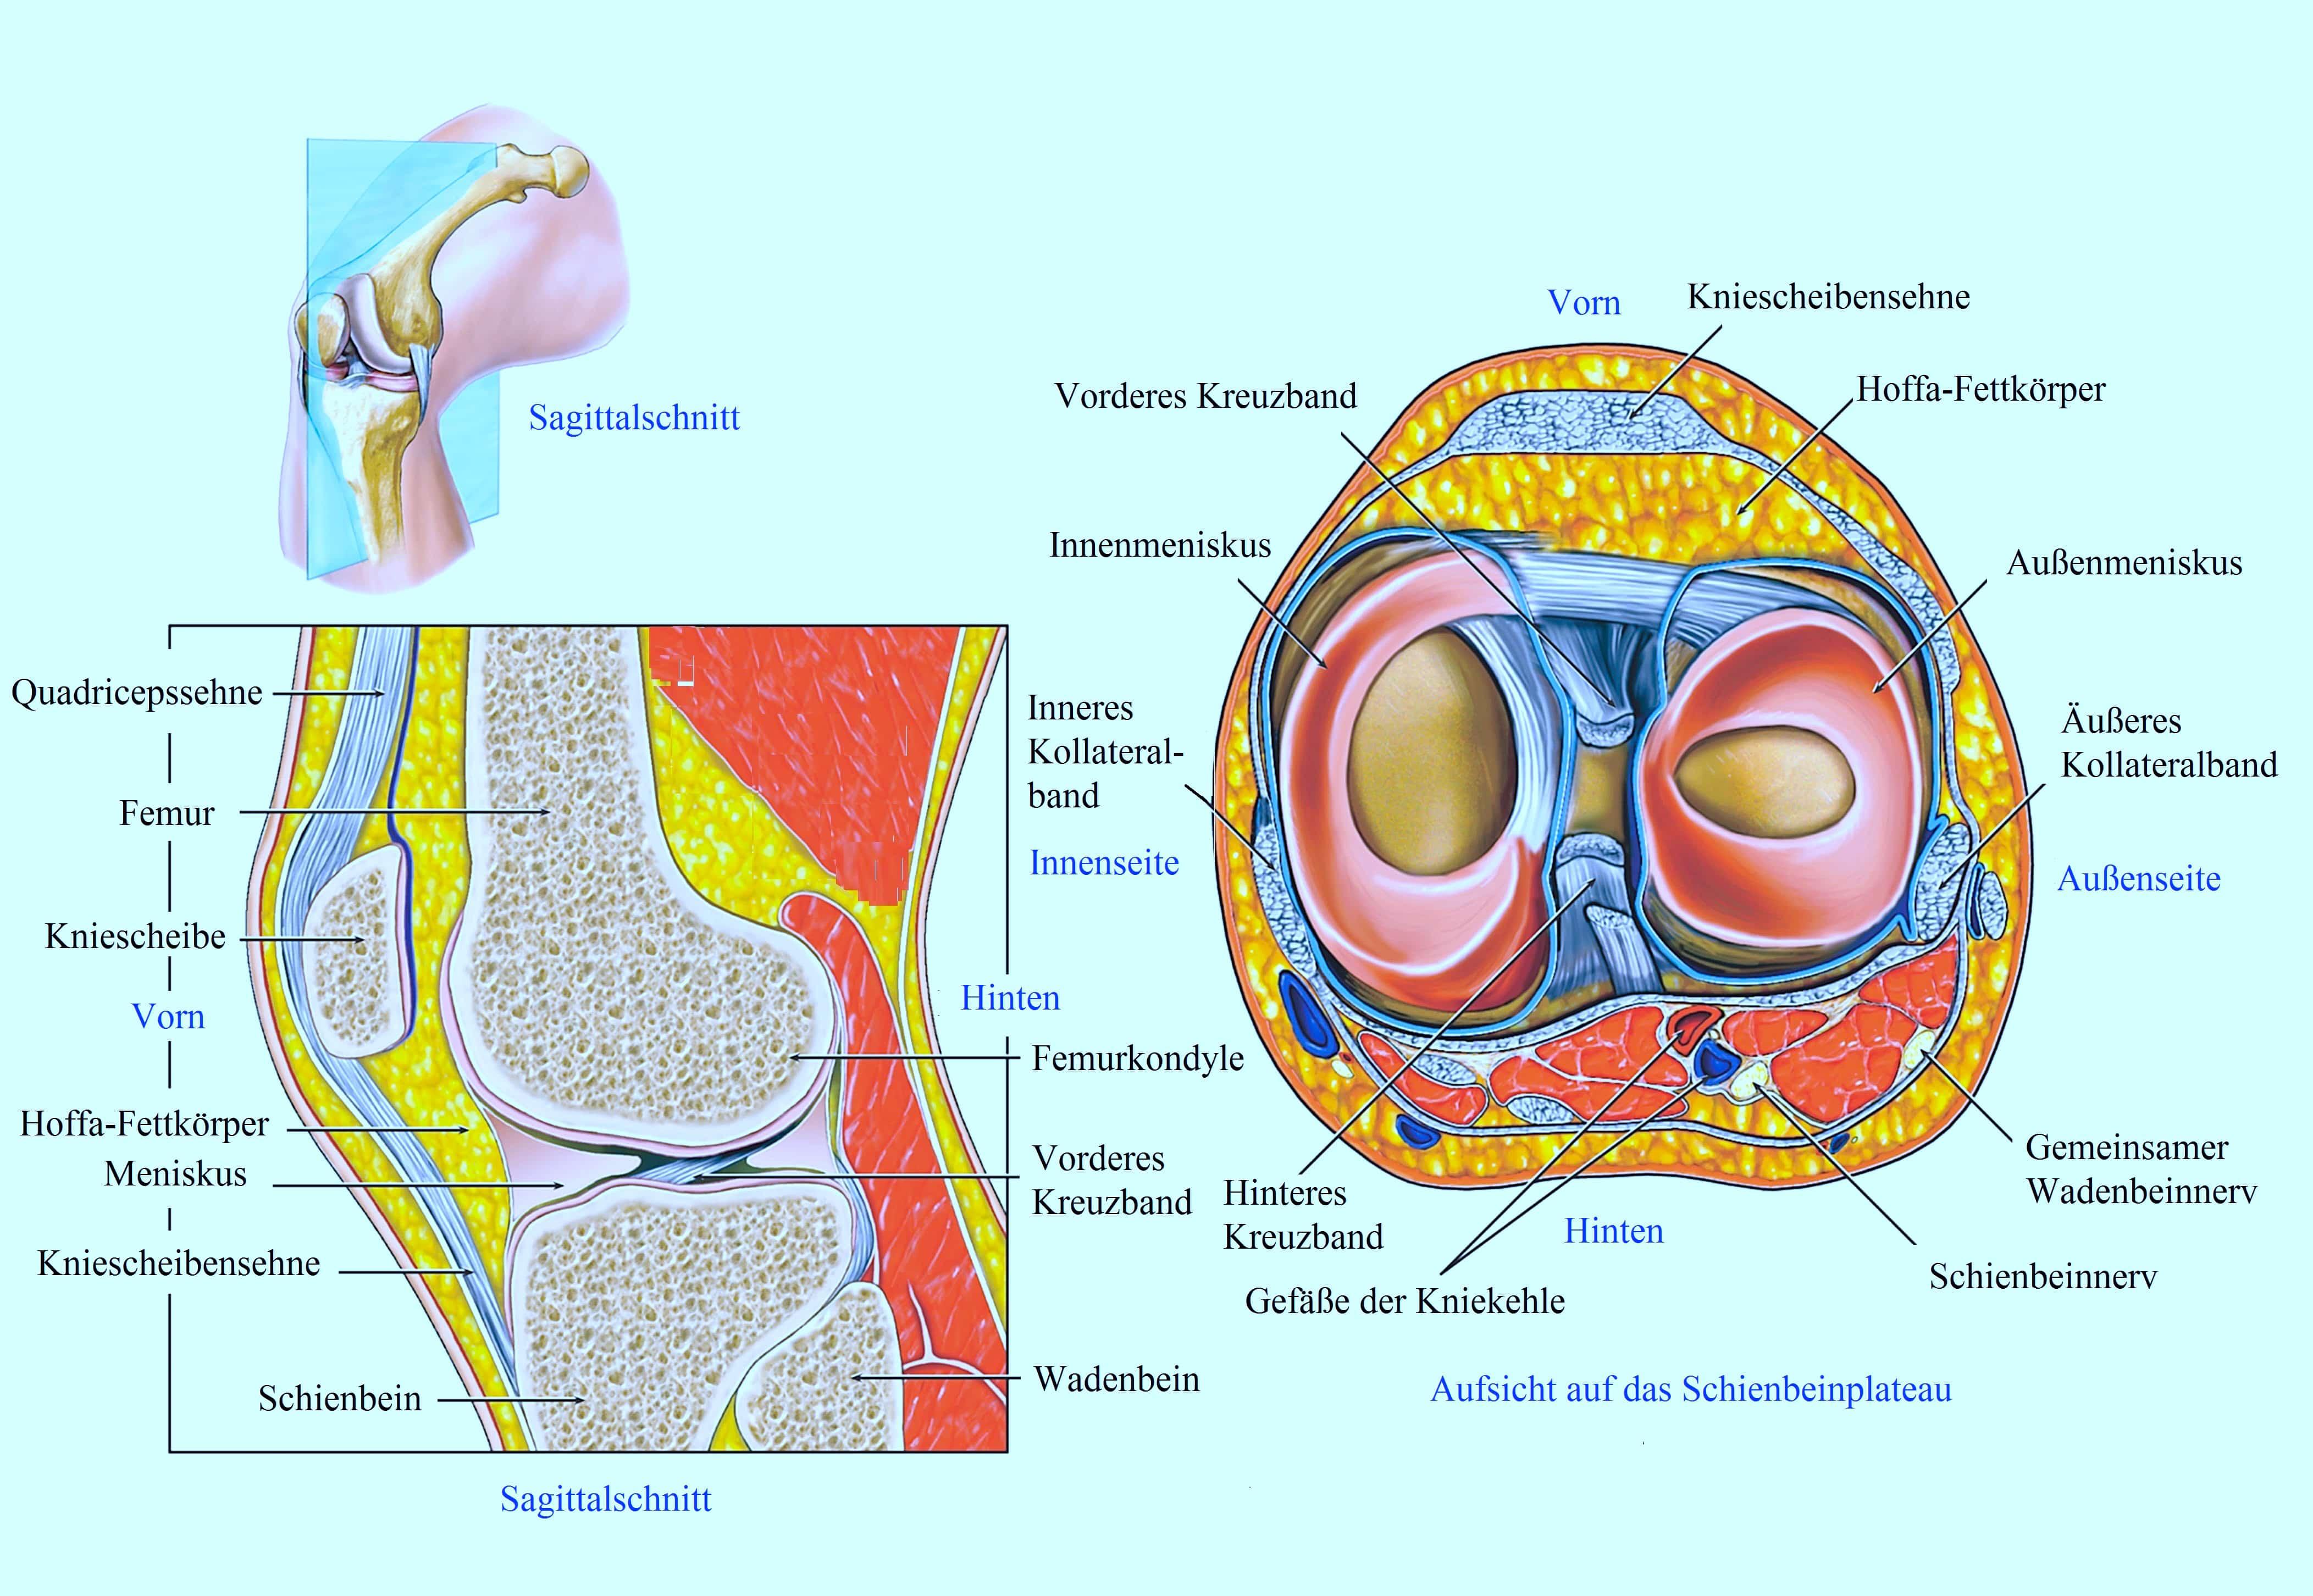 Anatomie des Kniegelenks, Aufbau, Gelenkart, Bänder, Meniskus, Knochen